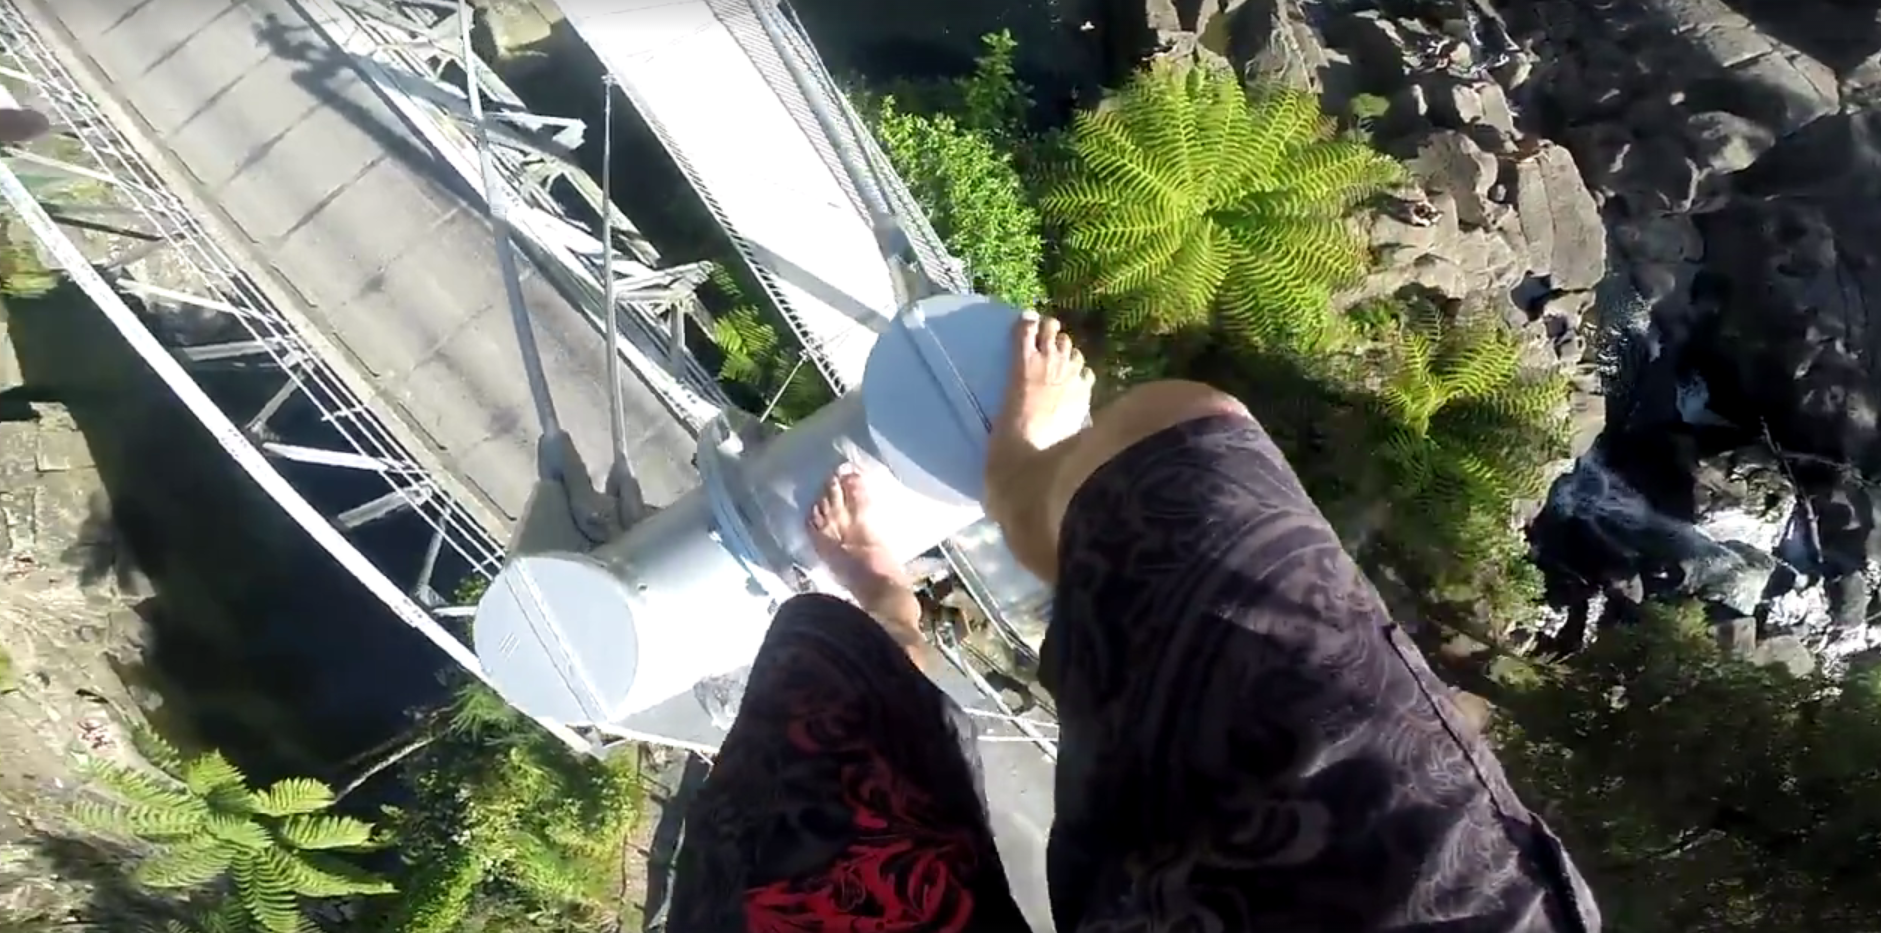 Skok u jezero s čak 25 metara visine osjetit ćete i u - želucu